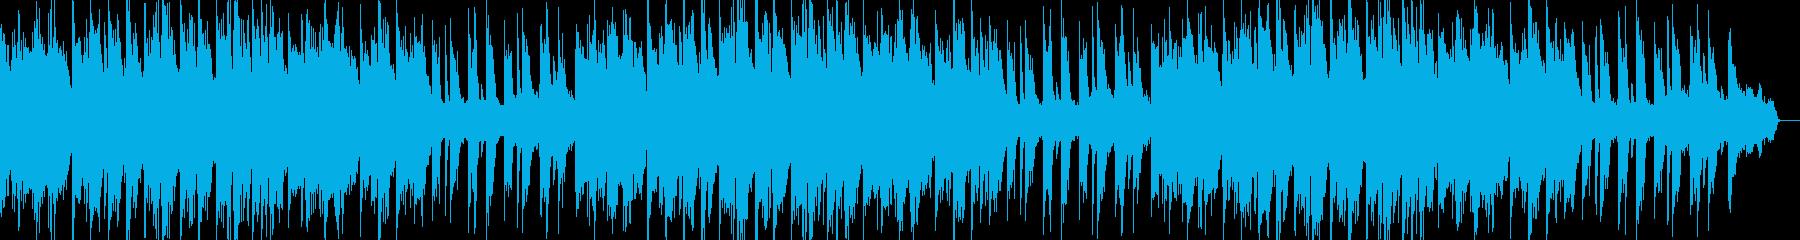 企業VP2 24bit44kHzVerの再生済みの波形